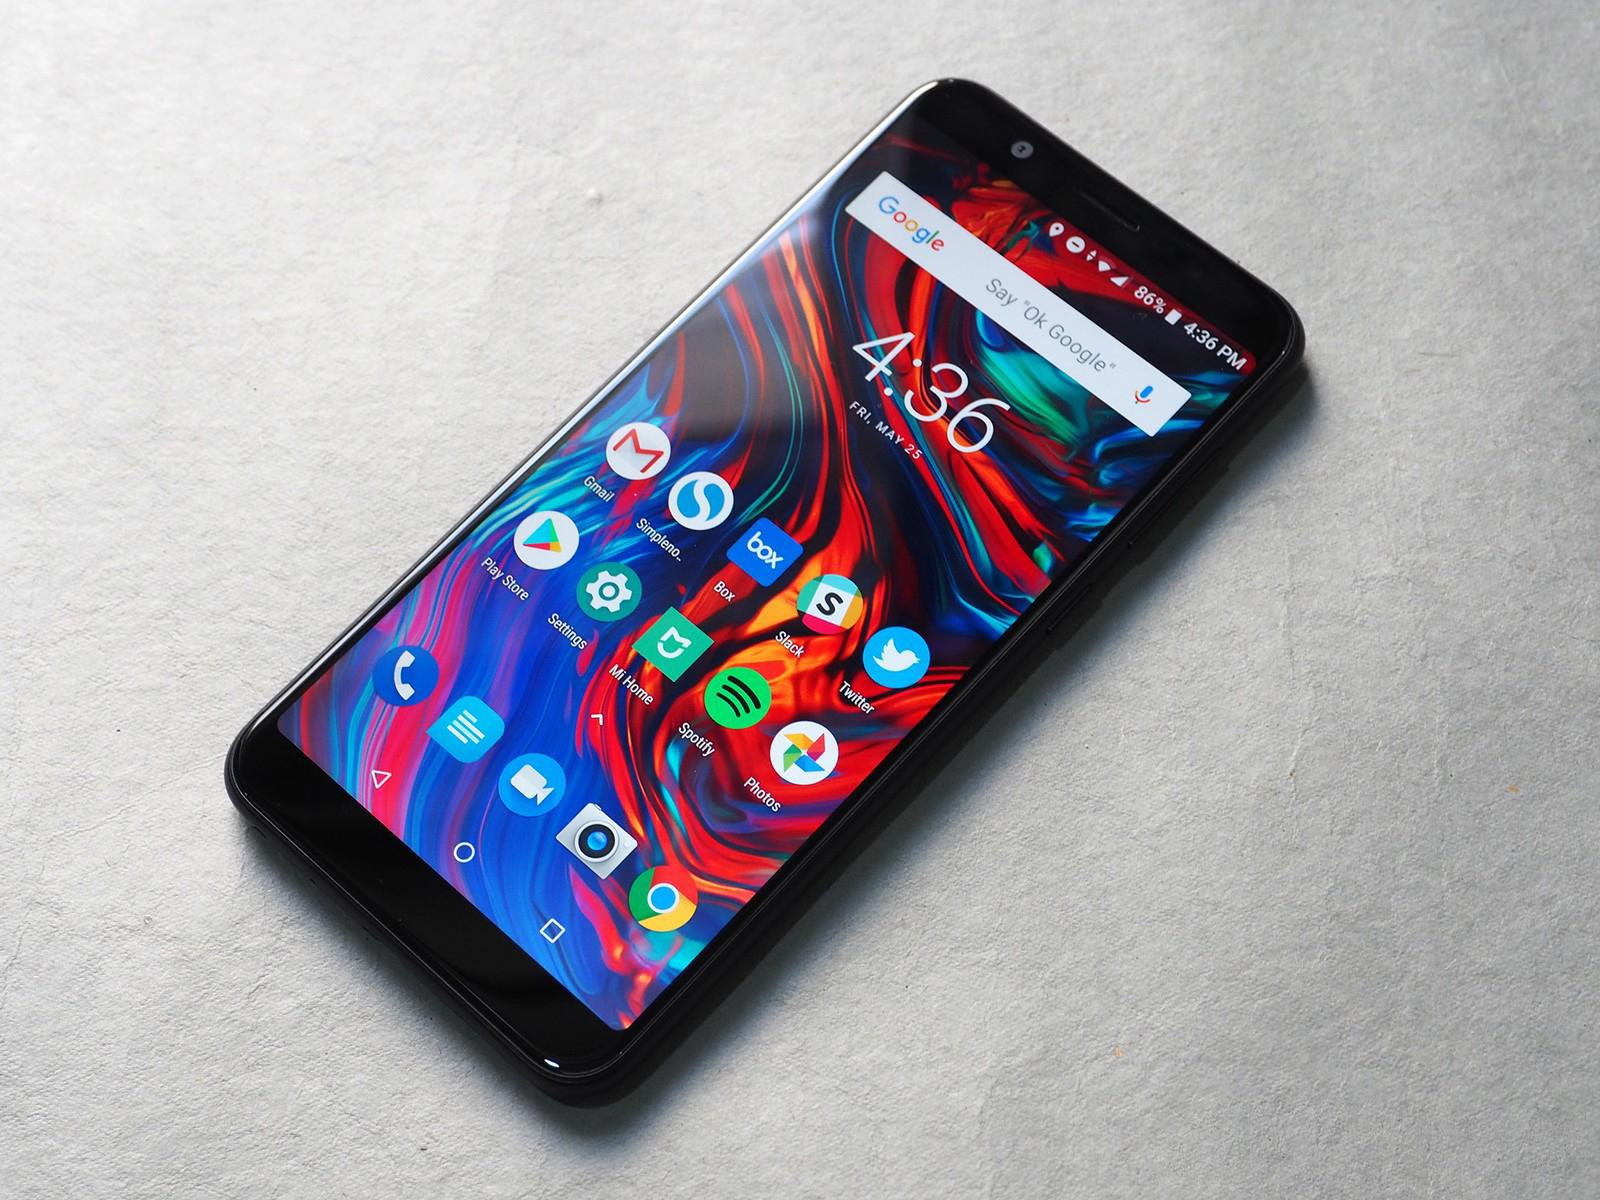 Zenfone Max Pro M1 4G/64GB